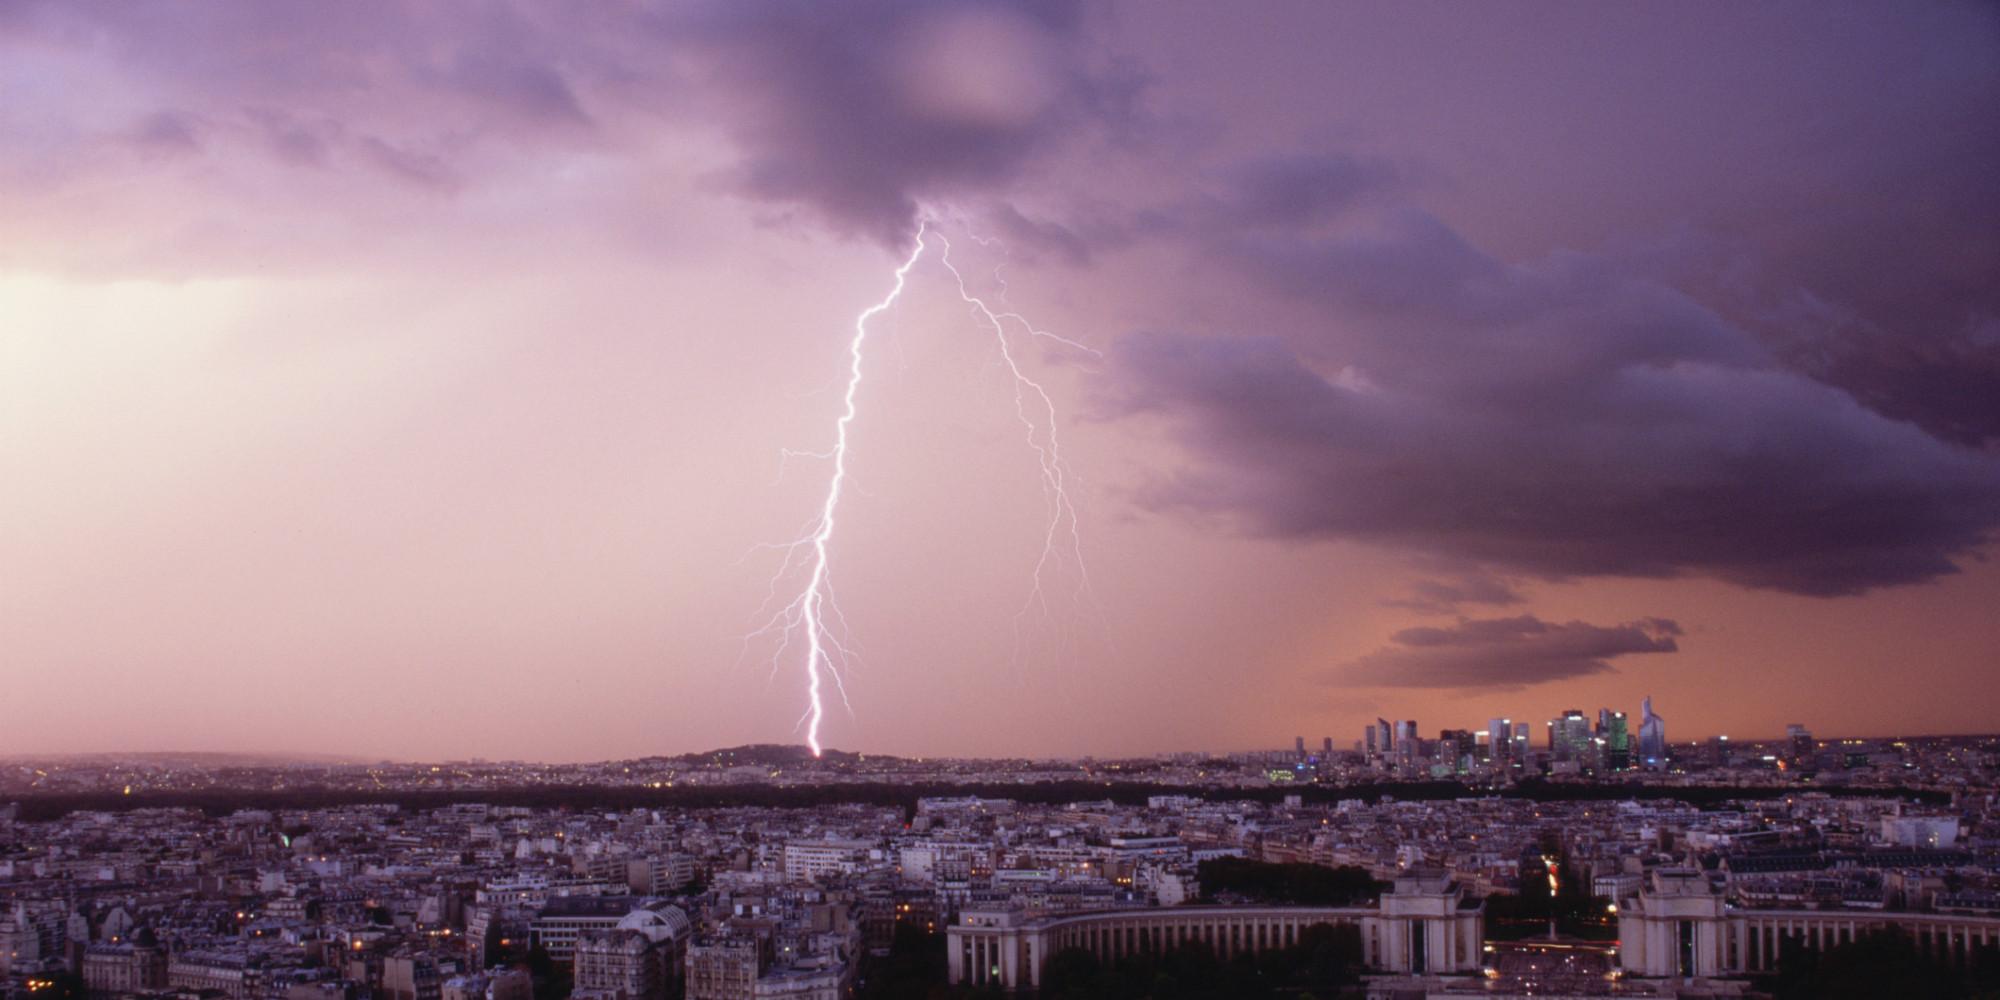 Plusieurs enfants bless s par la foudre au parc monceau paris - Symptomes coup de foudre ...